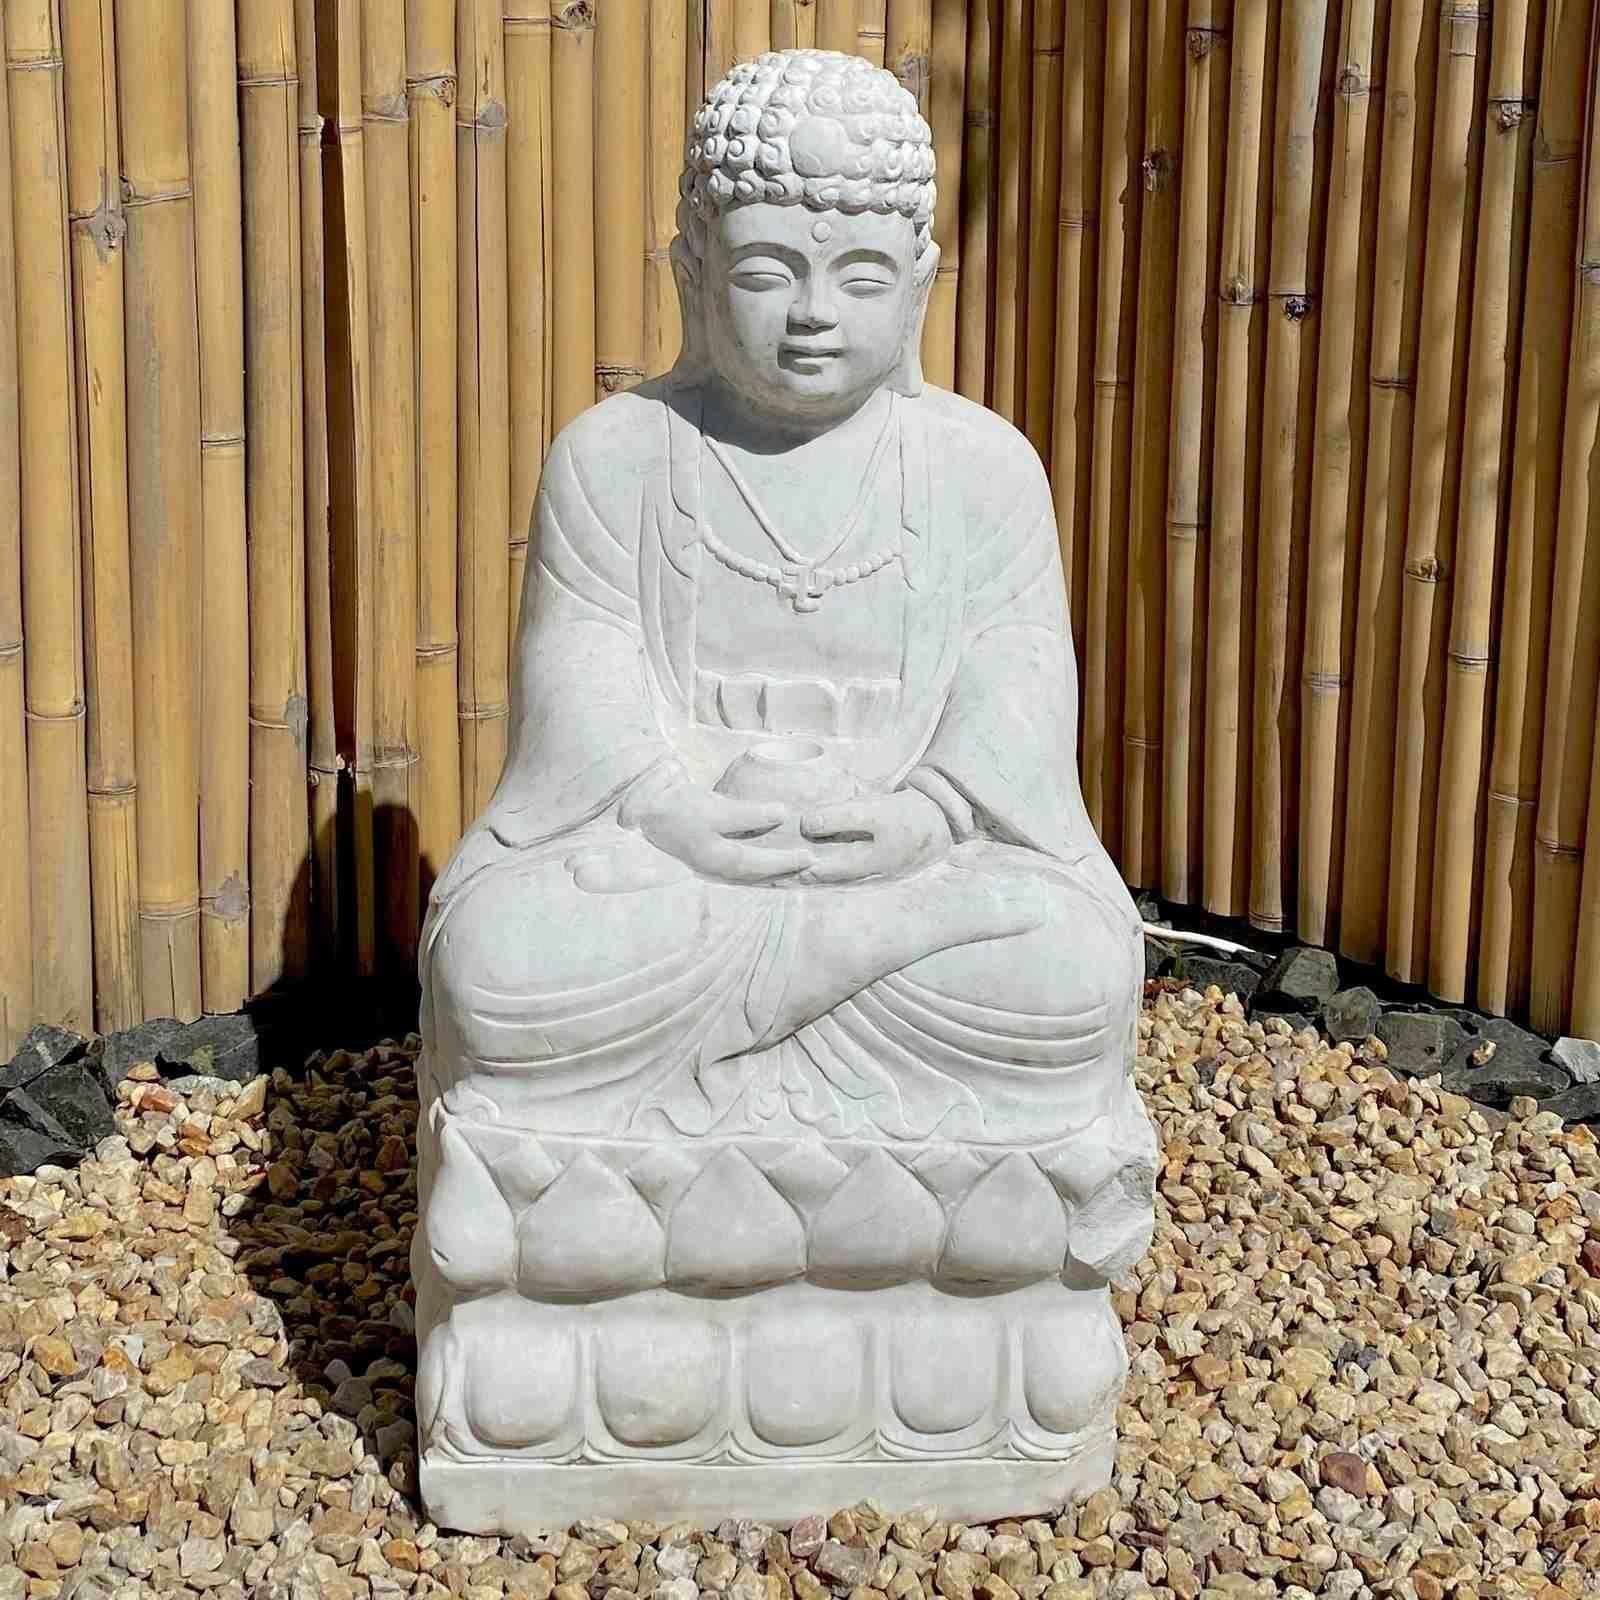 Pin Von Asienlifestyle Auf Asiatische Garten Dekoration Statuen Figuren Buddha Figur Amitabha Buddha Buddha Statuen